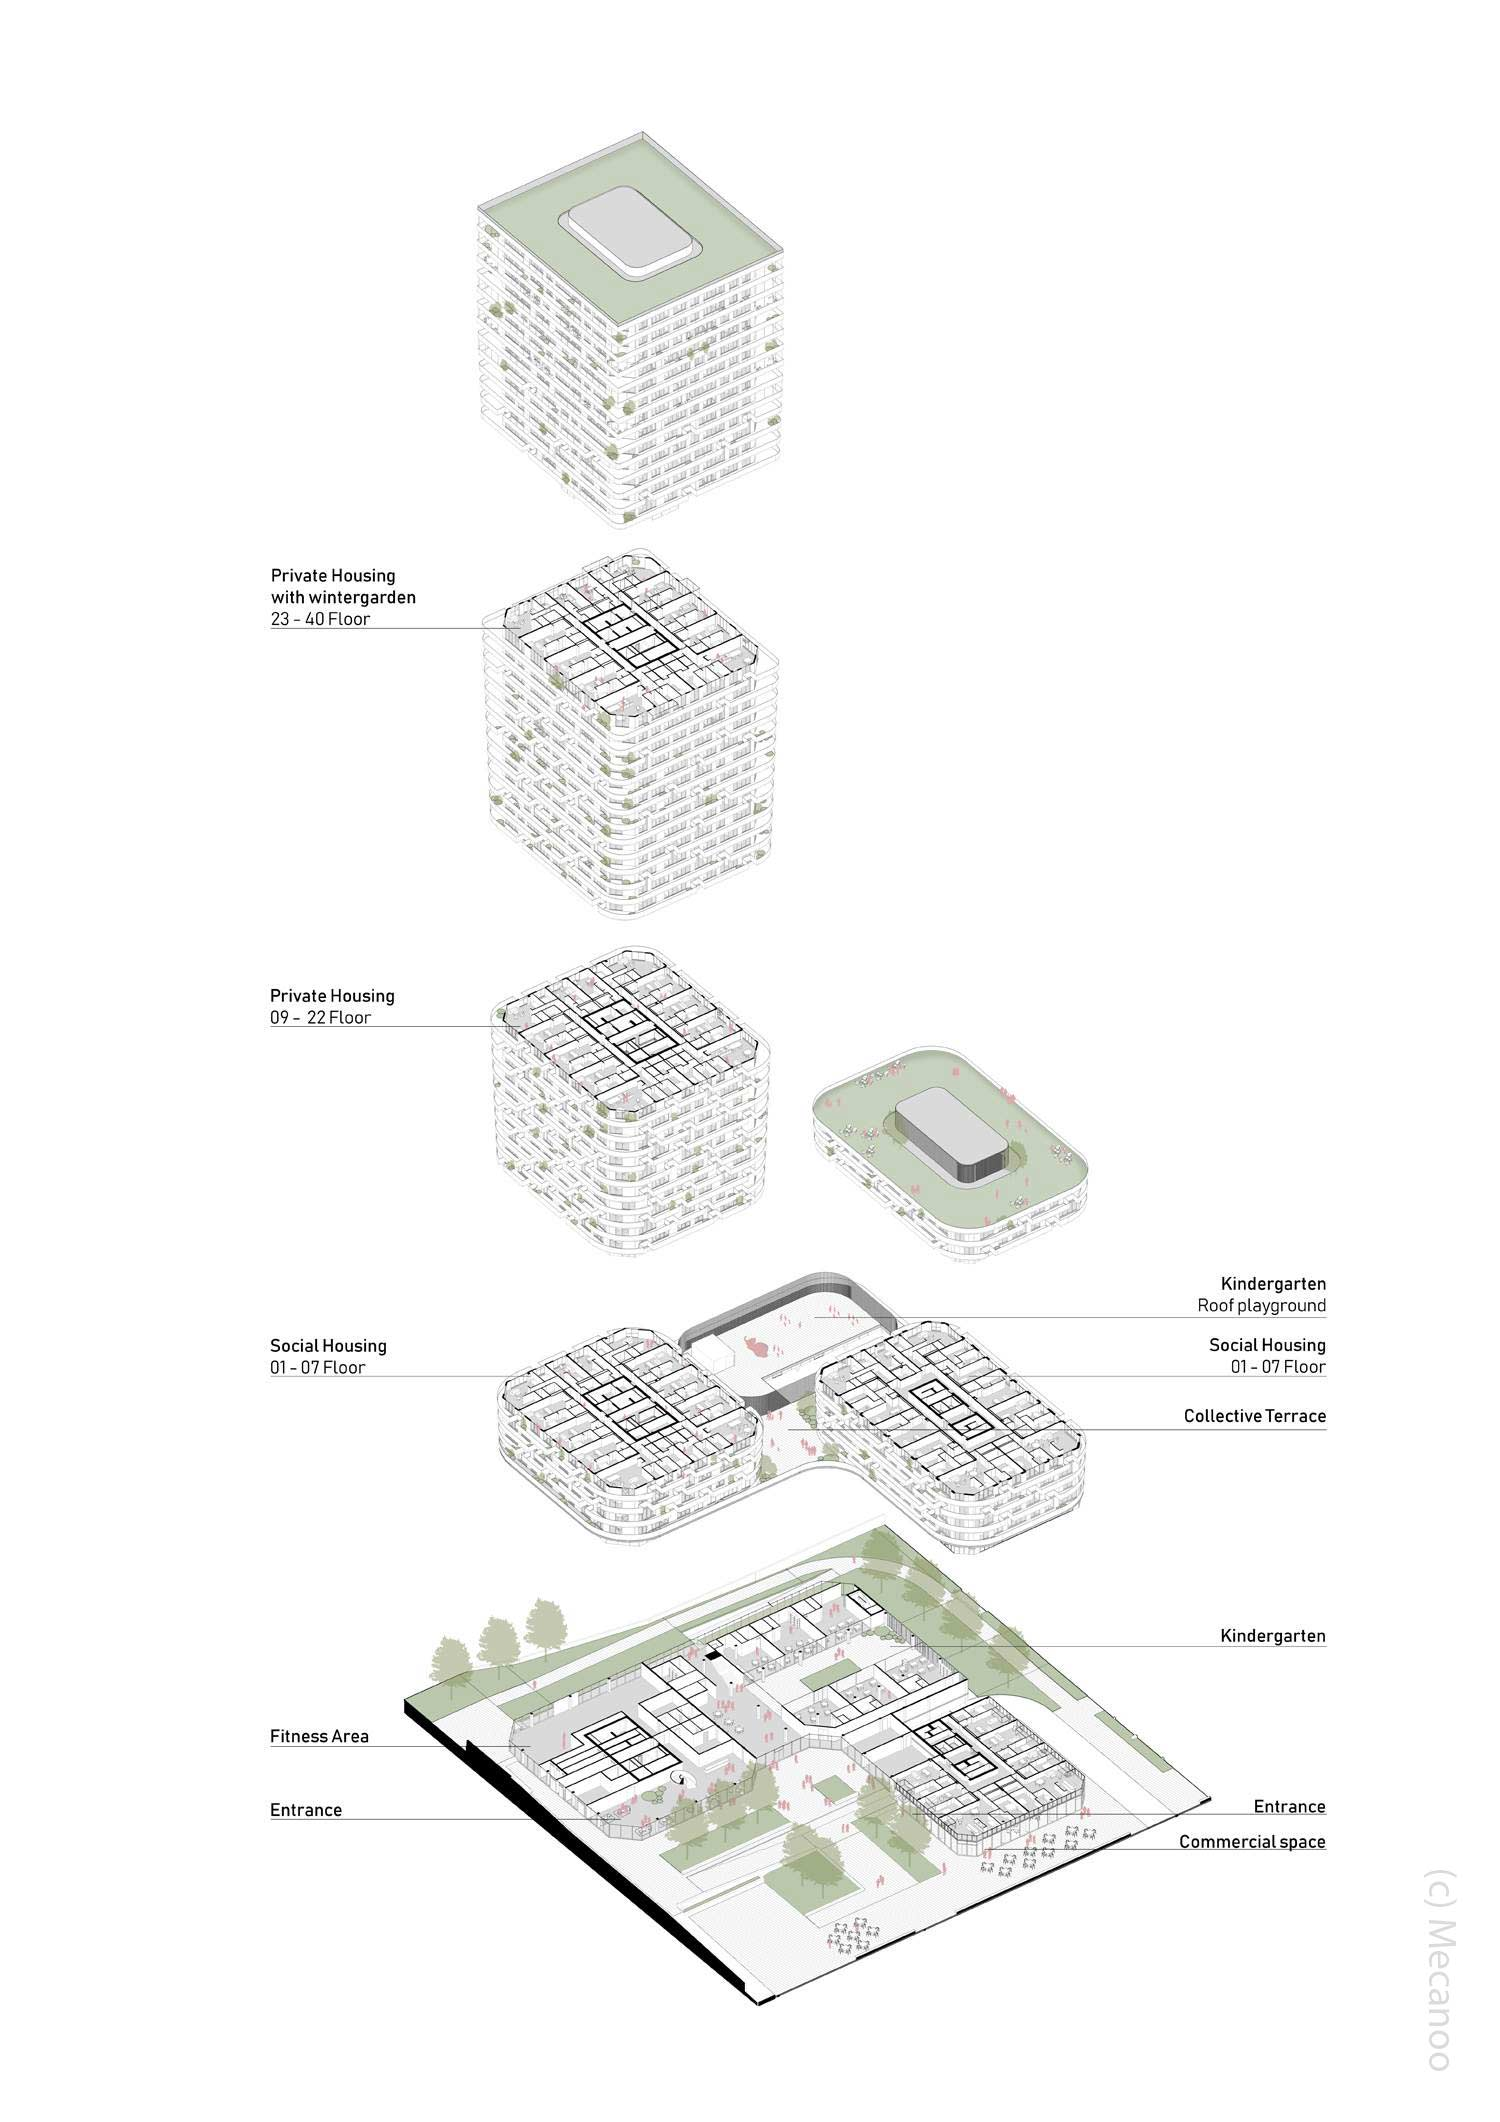 Übersicht der Geschosse und der Architektur - Etagen im Querschnitt - Grand Central Hochhaus in Frankfurt am Main - Architekten: Mecanoo